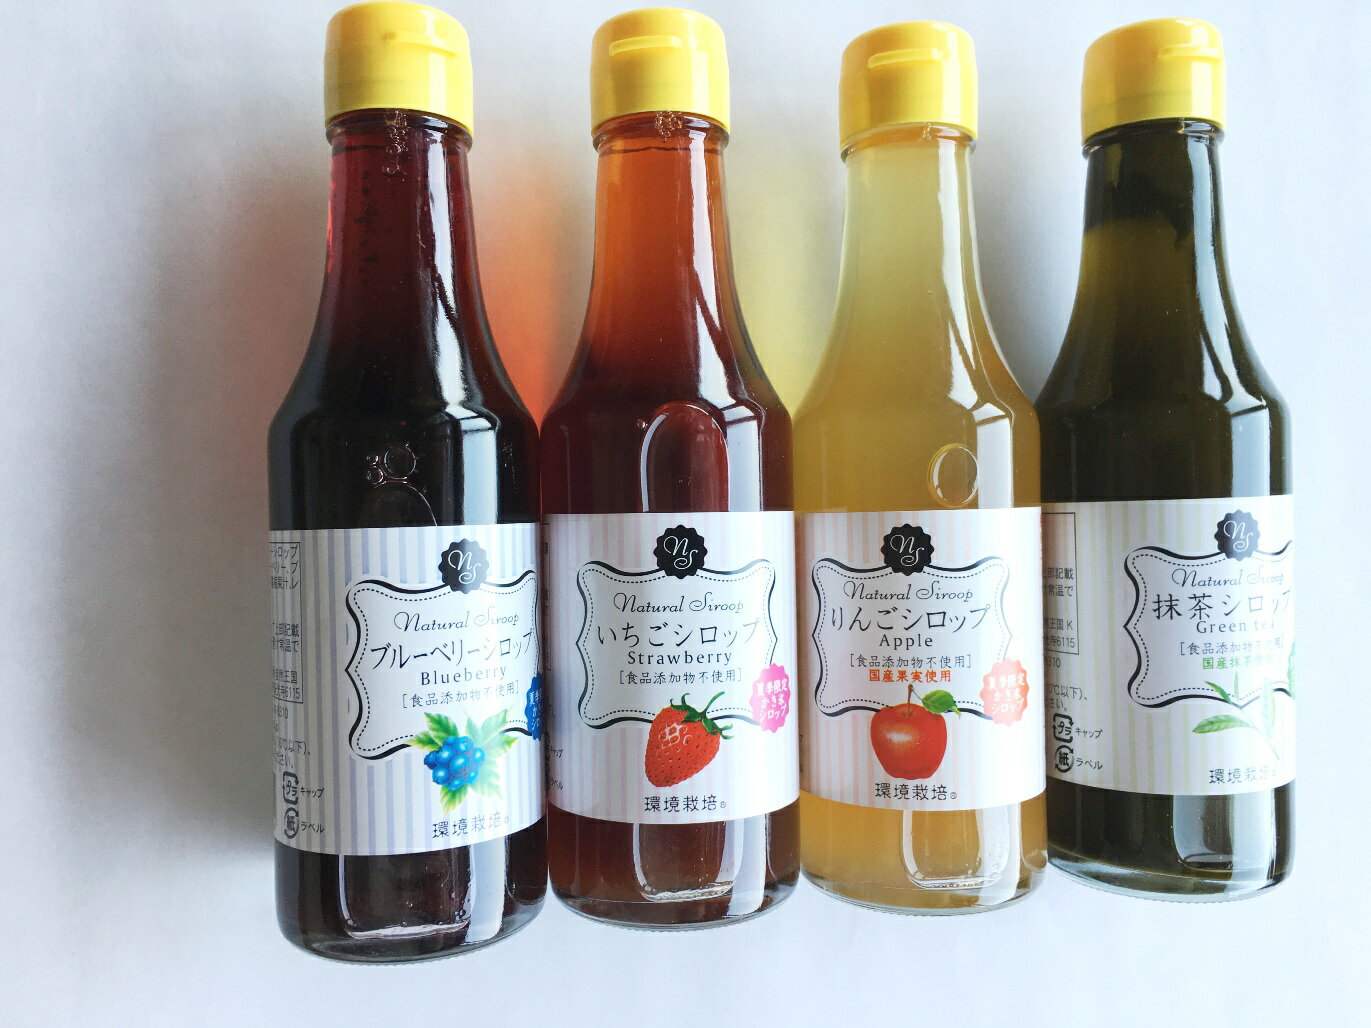 無添加 かき氷シロップ いちご りんご ブルーベリー 抹茶 4本 セット 【あす楽】 信州自然王国